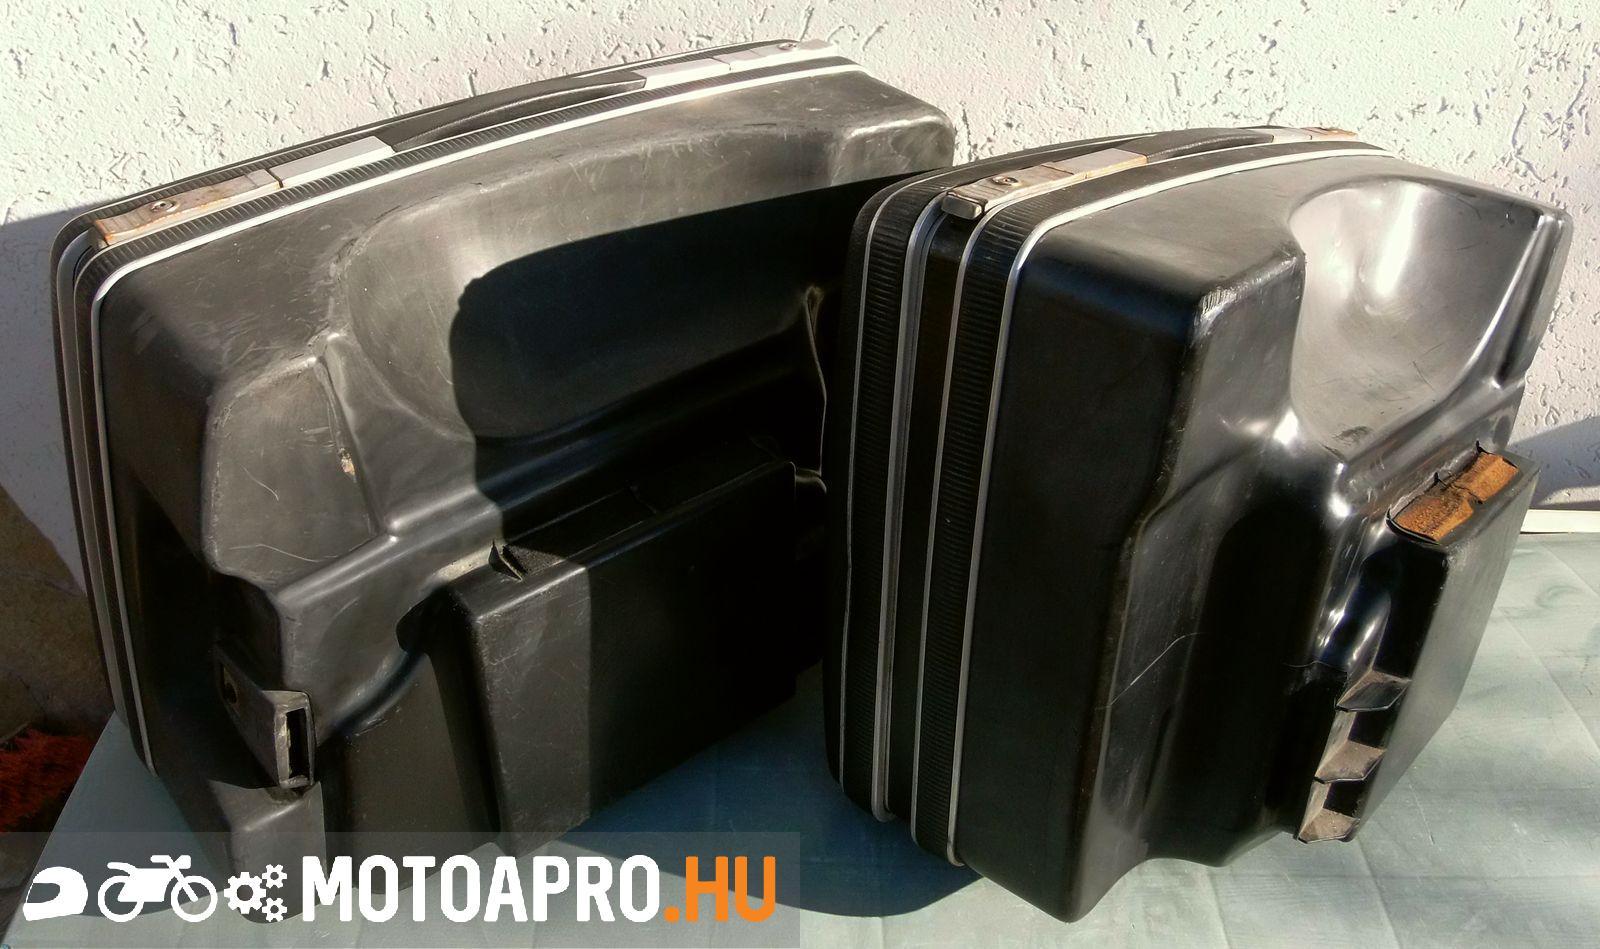 aac37eb8e75b BMW Krauser oldaldoboz pár kulcs nélkül | motoapro.hu - Apróhirdetés ...